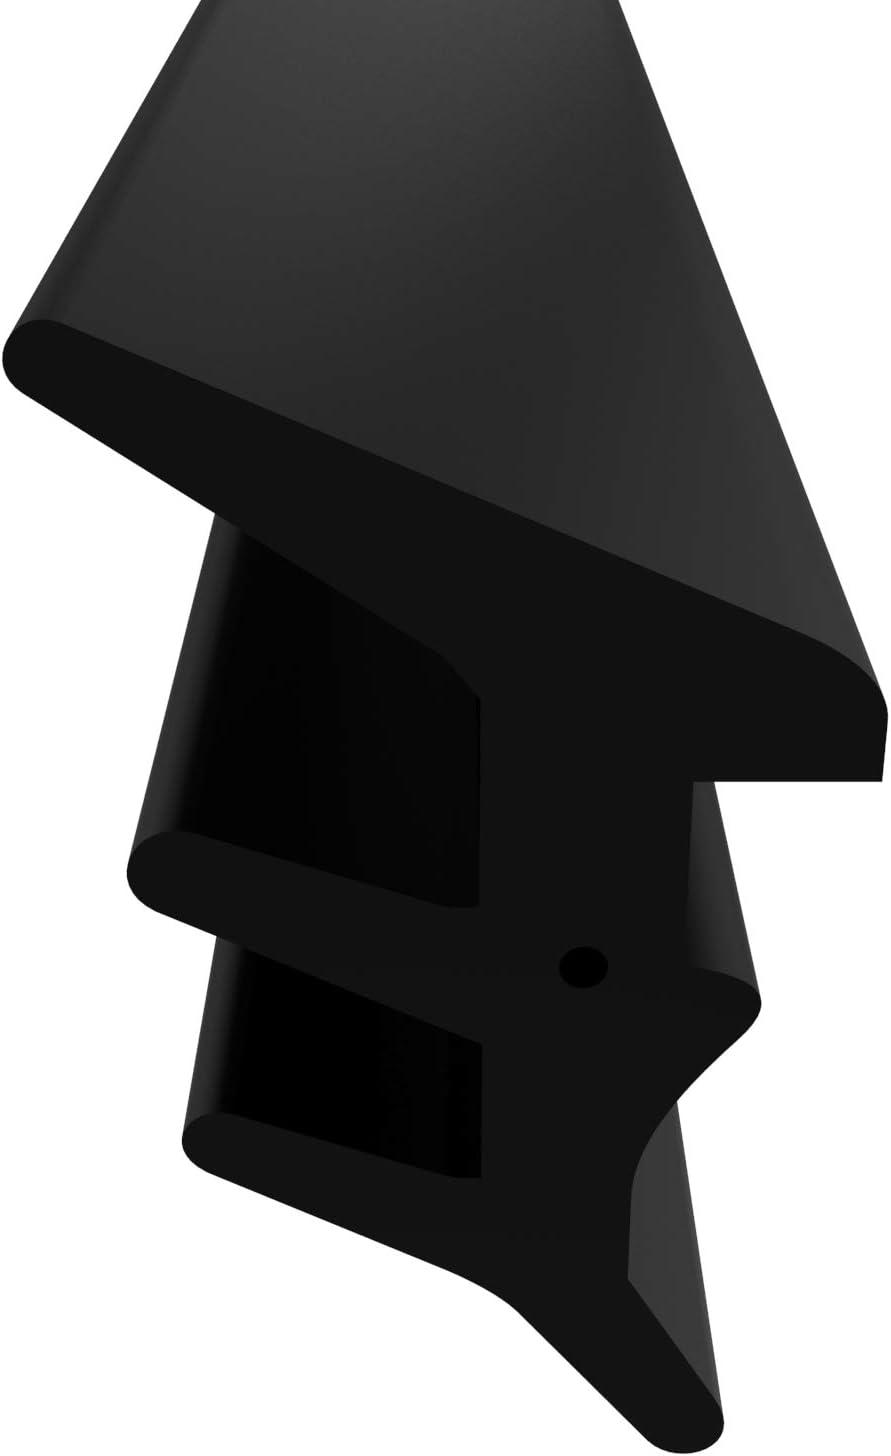 Junta para ventanas para sistemas de ventanas, junta de acristalamiento para exteriores con hilo antiestiramiento para ventanas de plástico y junta de ventana de aluminio, Negro